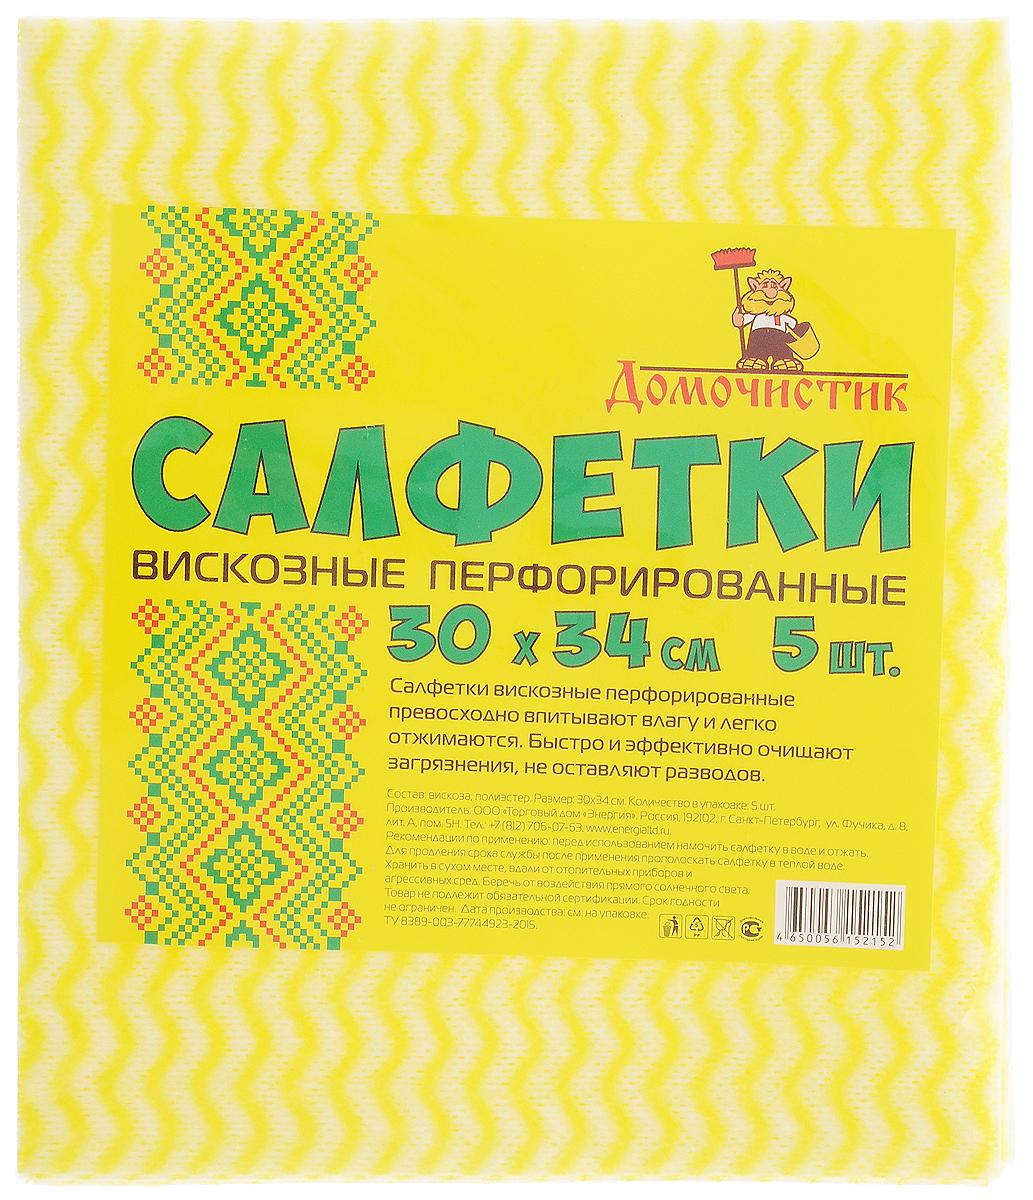 Салфетка для уборки Домочистик из вискозы, перфорированная, цвет: желтый, 30 x 34 см, 5 шт787502Перфорированные салфетки для уборки Домочистик выполнены из вискозы, превосходно впитывают влагу и легко отжимаются. Быстро и эффективно очищают загрязнения, не оставляют разводов. Рекомендации по применению:Перед использованием намочить салфетку в воде и отжать.Для продления срока службы после применения прополоскать в теплой воде.Хранить в сухом месте, вдали отопительных приборов и агрессивных сред.